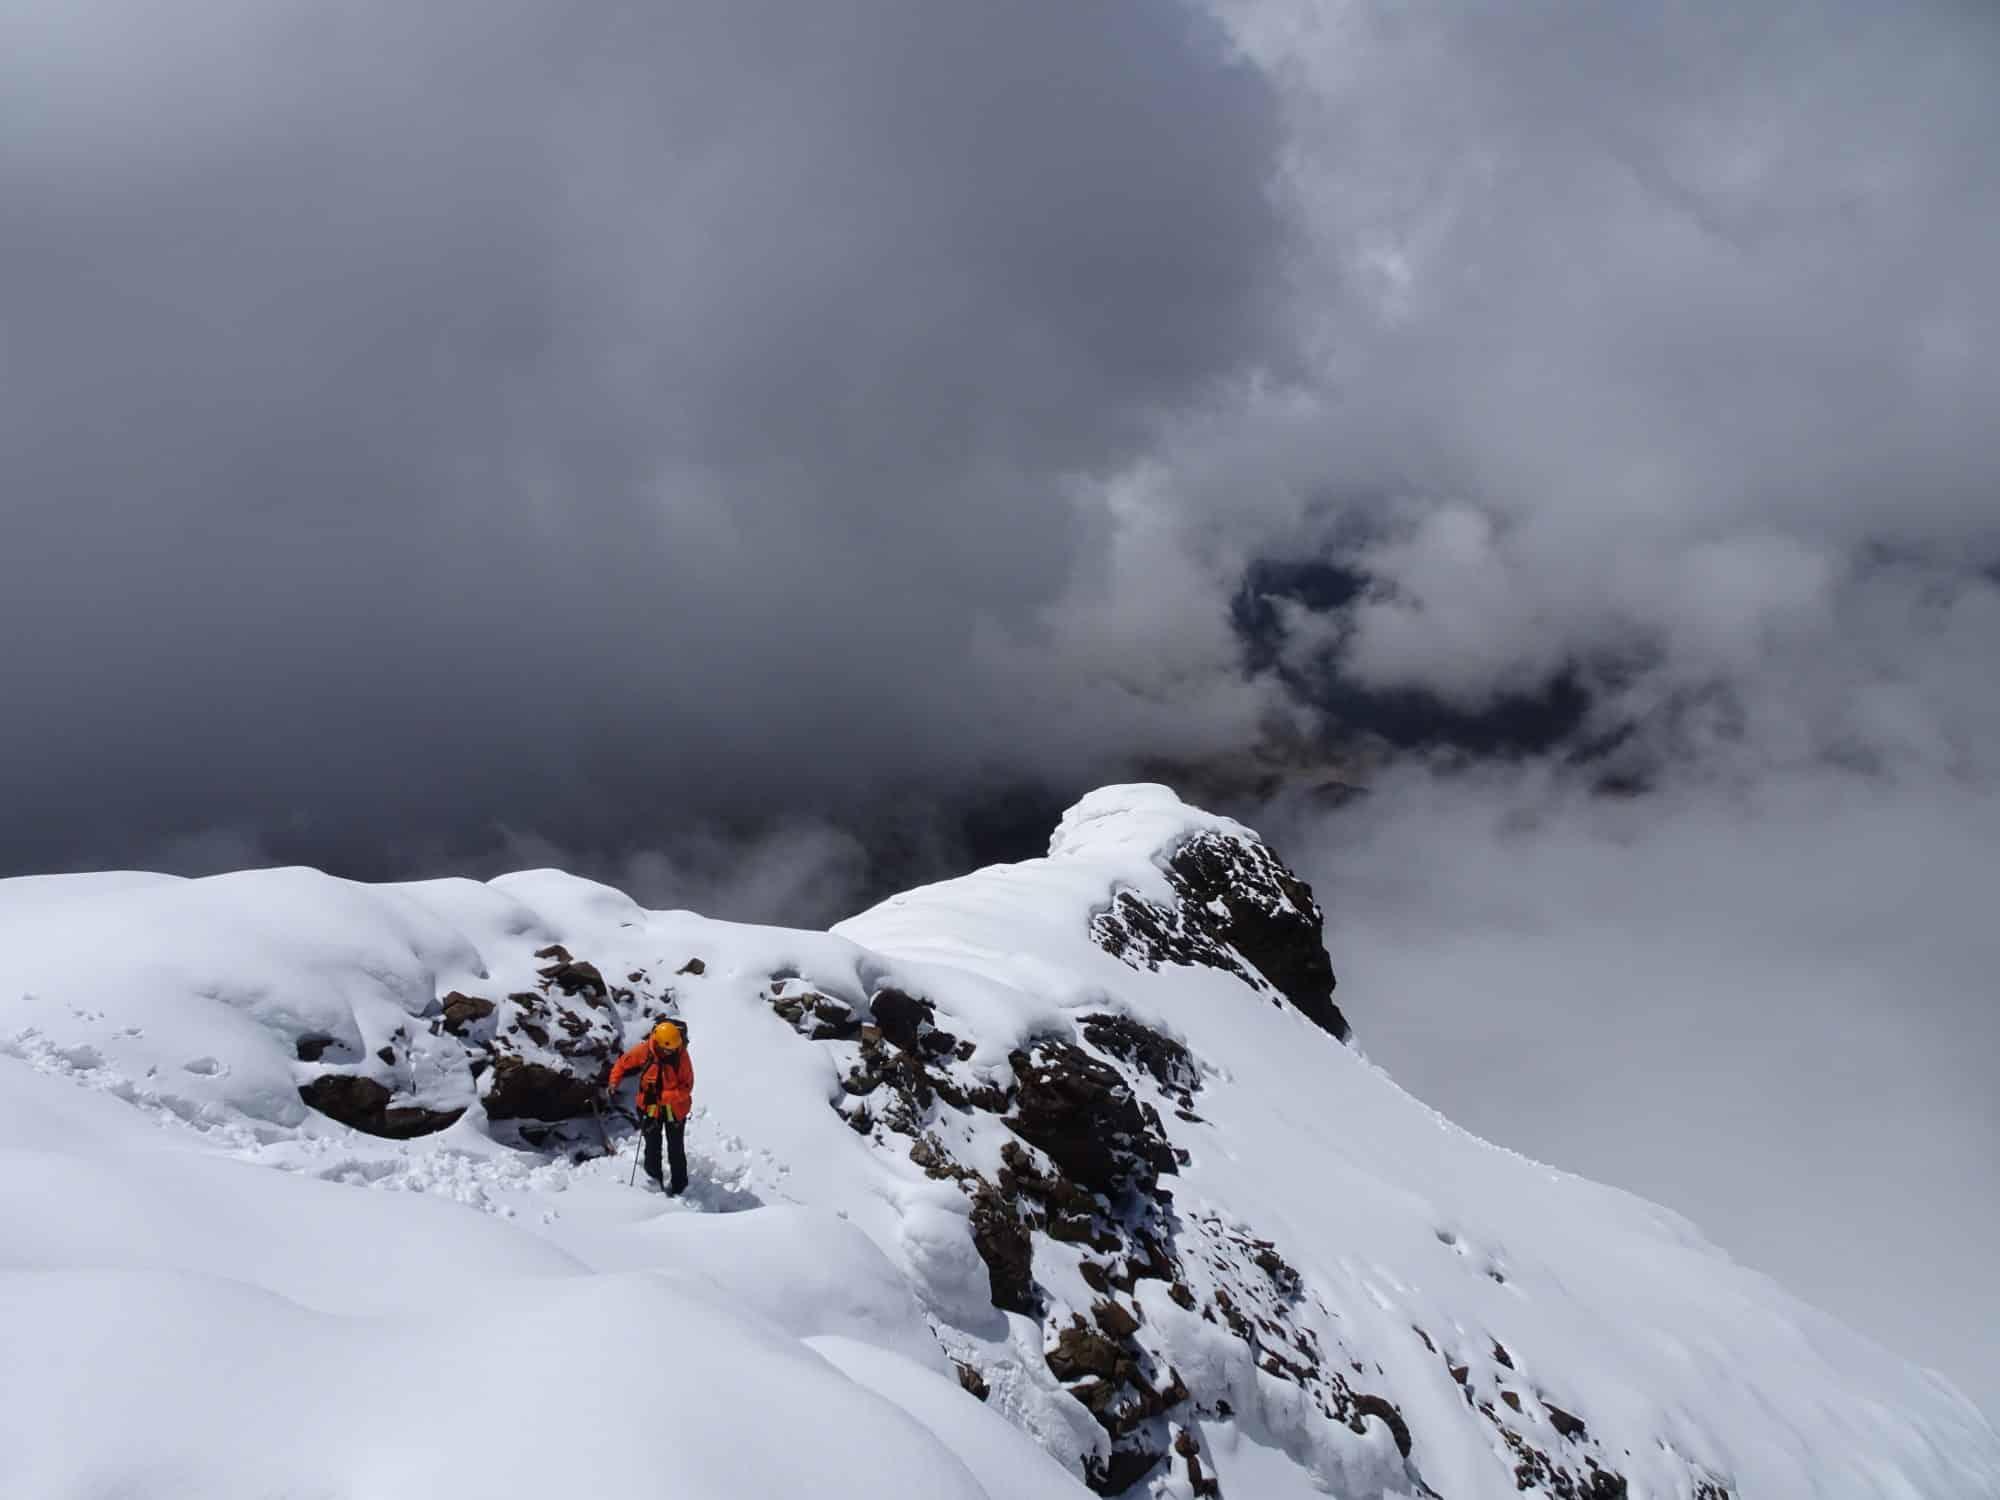 Equateur, sous le sommet, carrard xavier